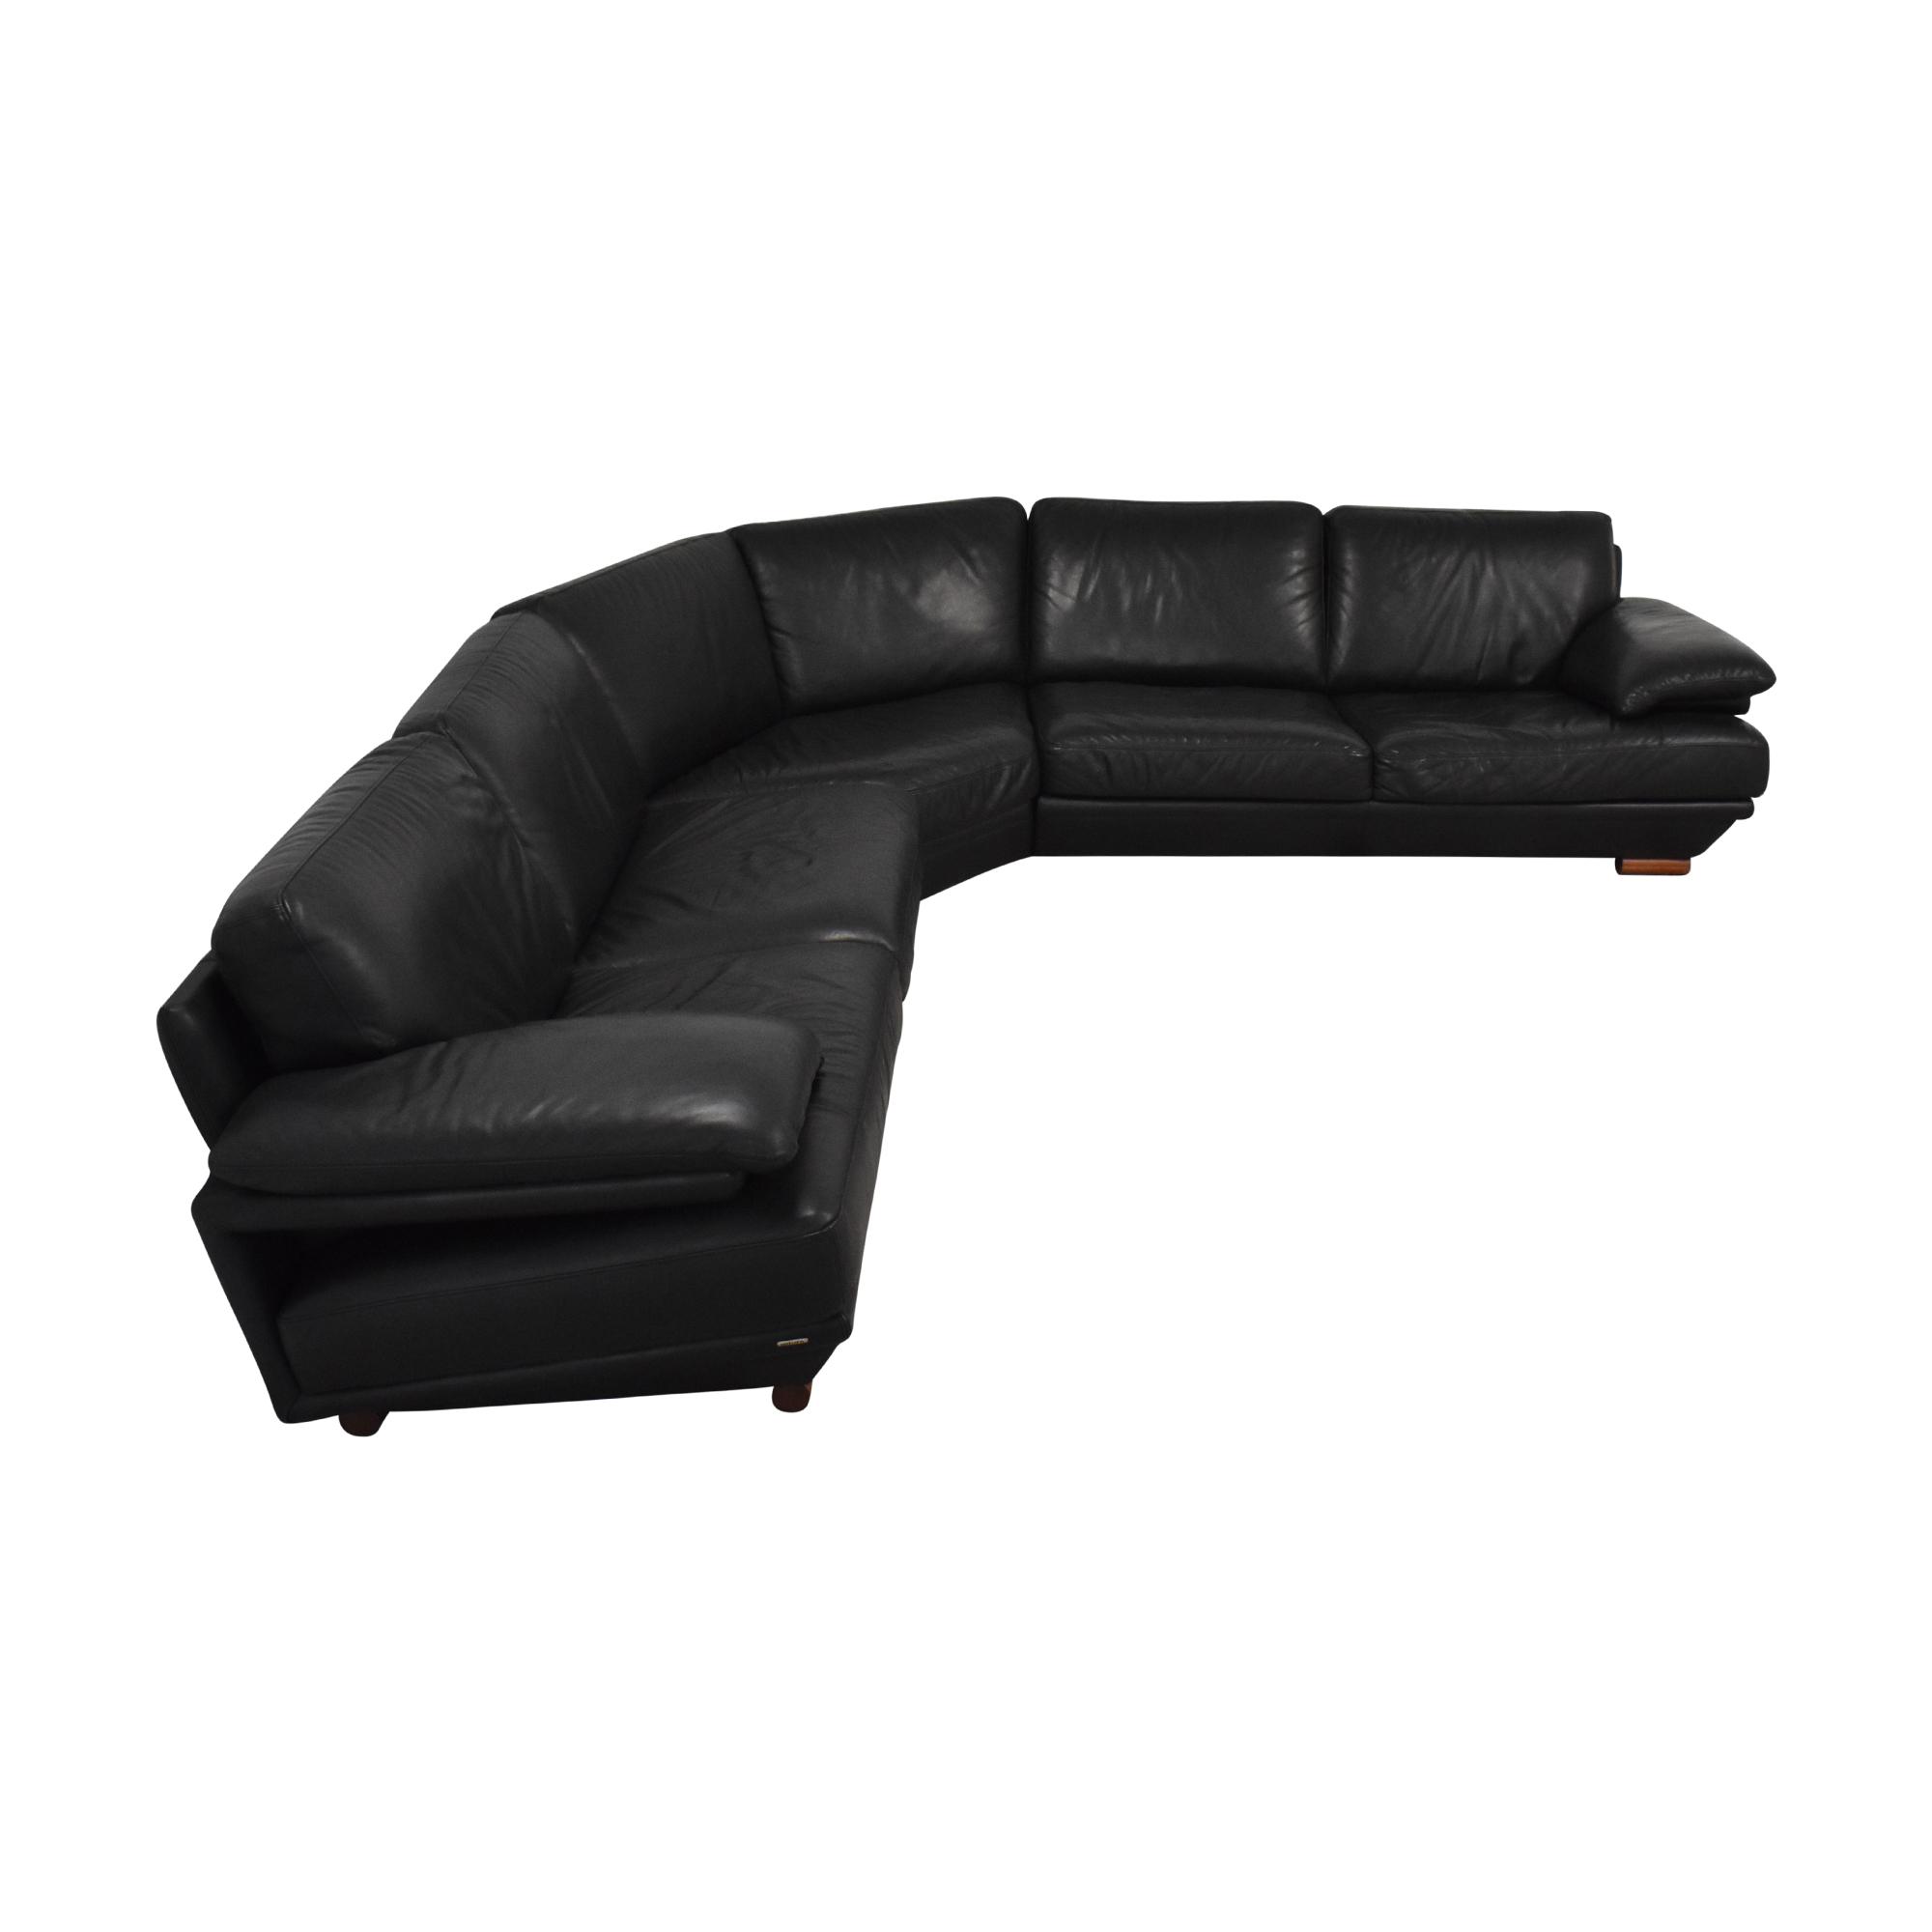 buy Natuzzi Natuzzi Plaza Sectional Sofa online